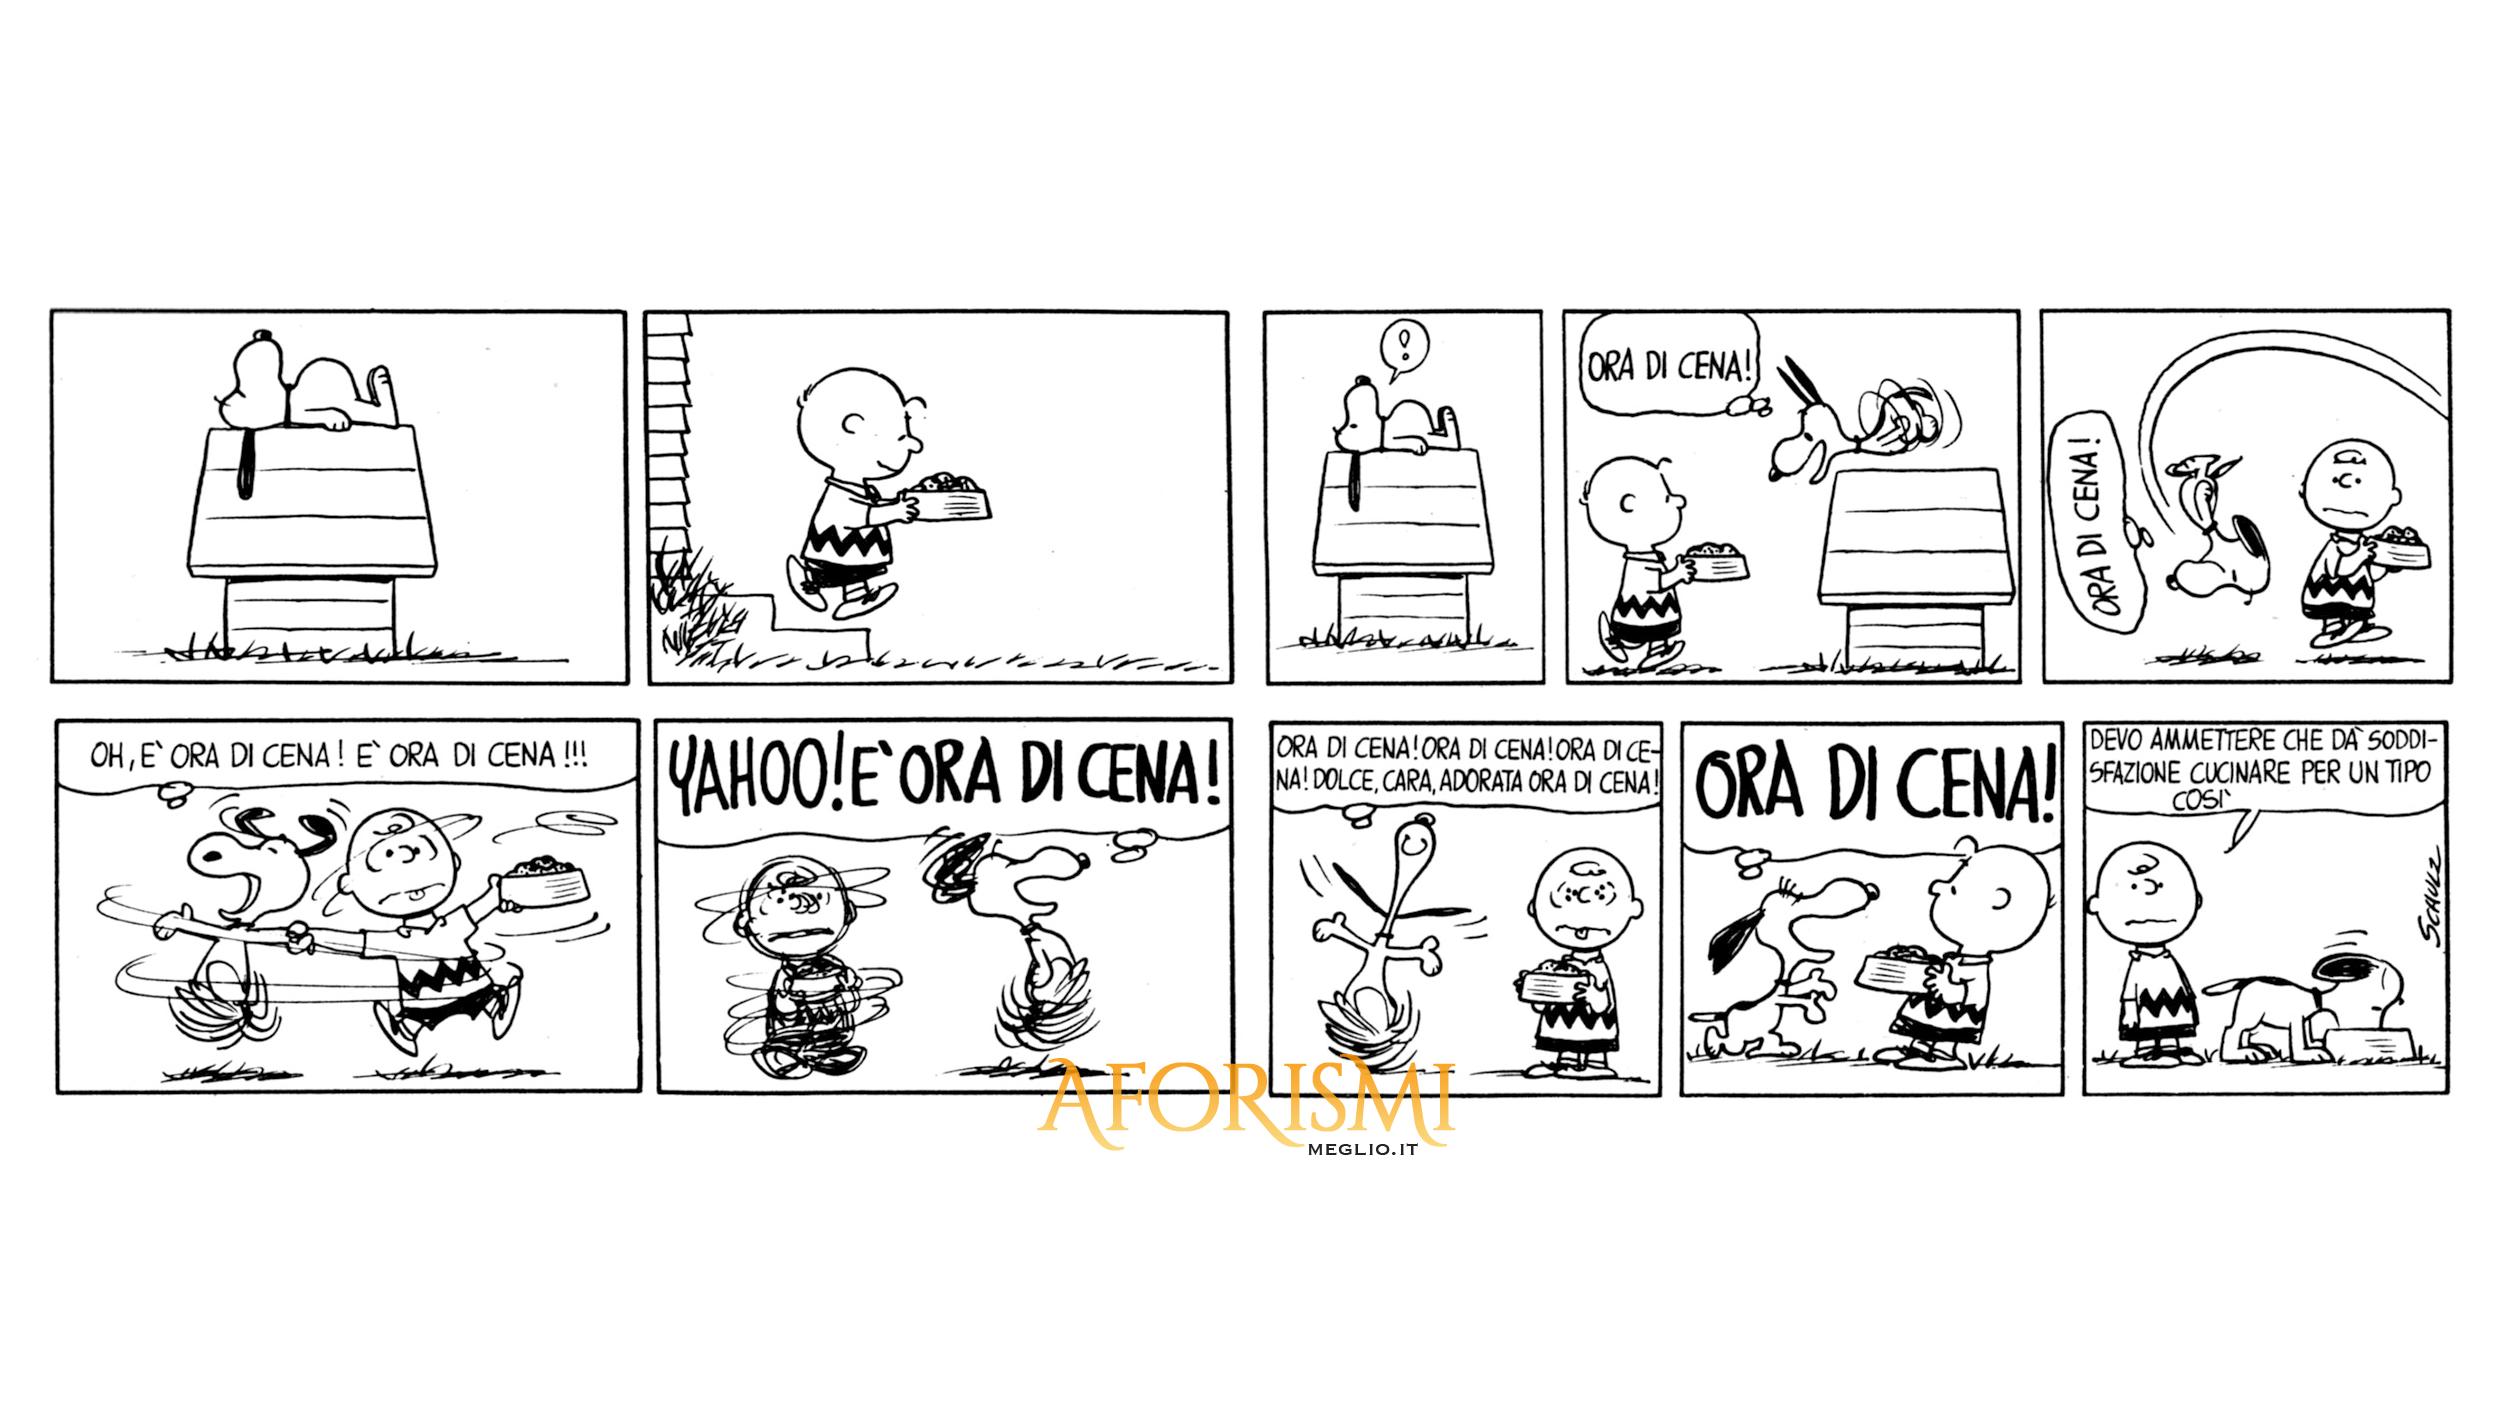 Snoopy: Ora di cena! Ora di cena! Oh, è ora di cena! E' ora di cena!!! YAHOO! E' ORA DI CENA! Ora di cena! Ora di cena! Ora di cena! Dolce, cara, adorata ora di cena! ORA DI CENA!  Charlie Brown: Devo ammettere che dà soddisfazione cucinare per un tipo così.